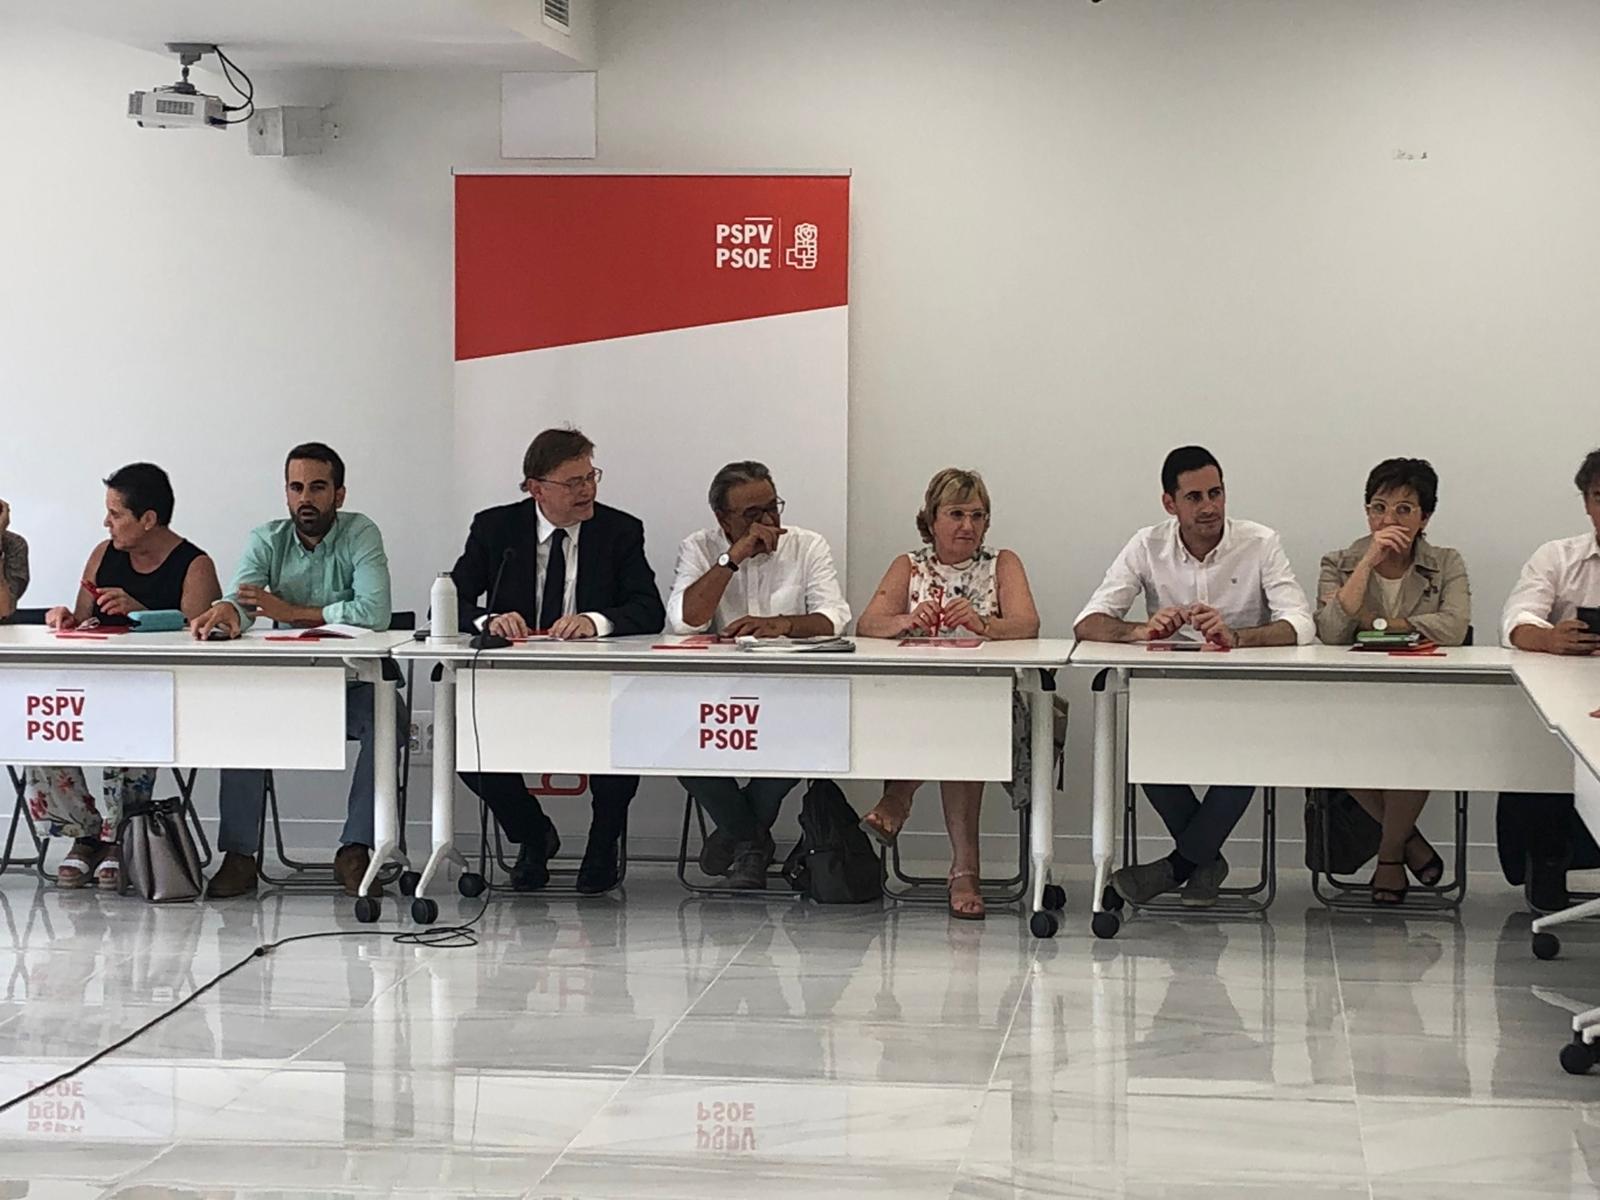 Alejandro Soler i Vicent Sarrià seran, respectivament, el president i el coordinador del comitè parlamentari del PSPV-PSOE